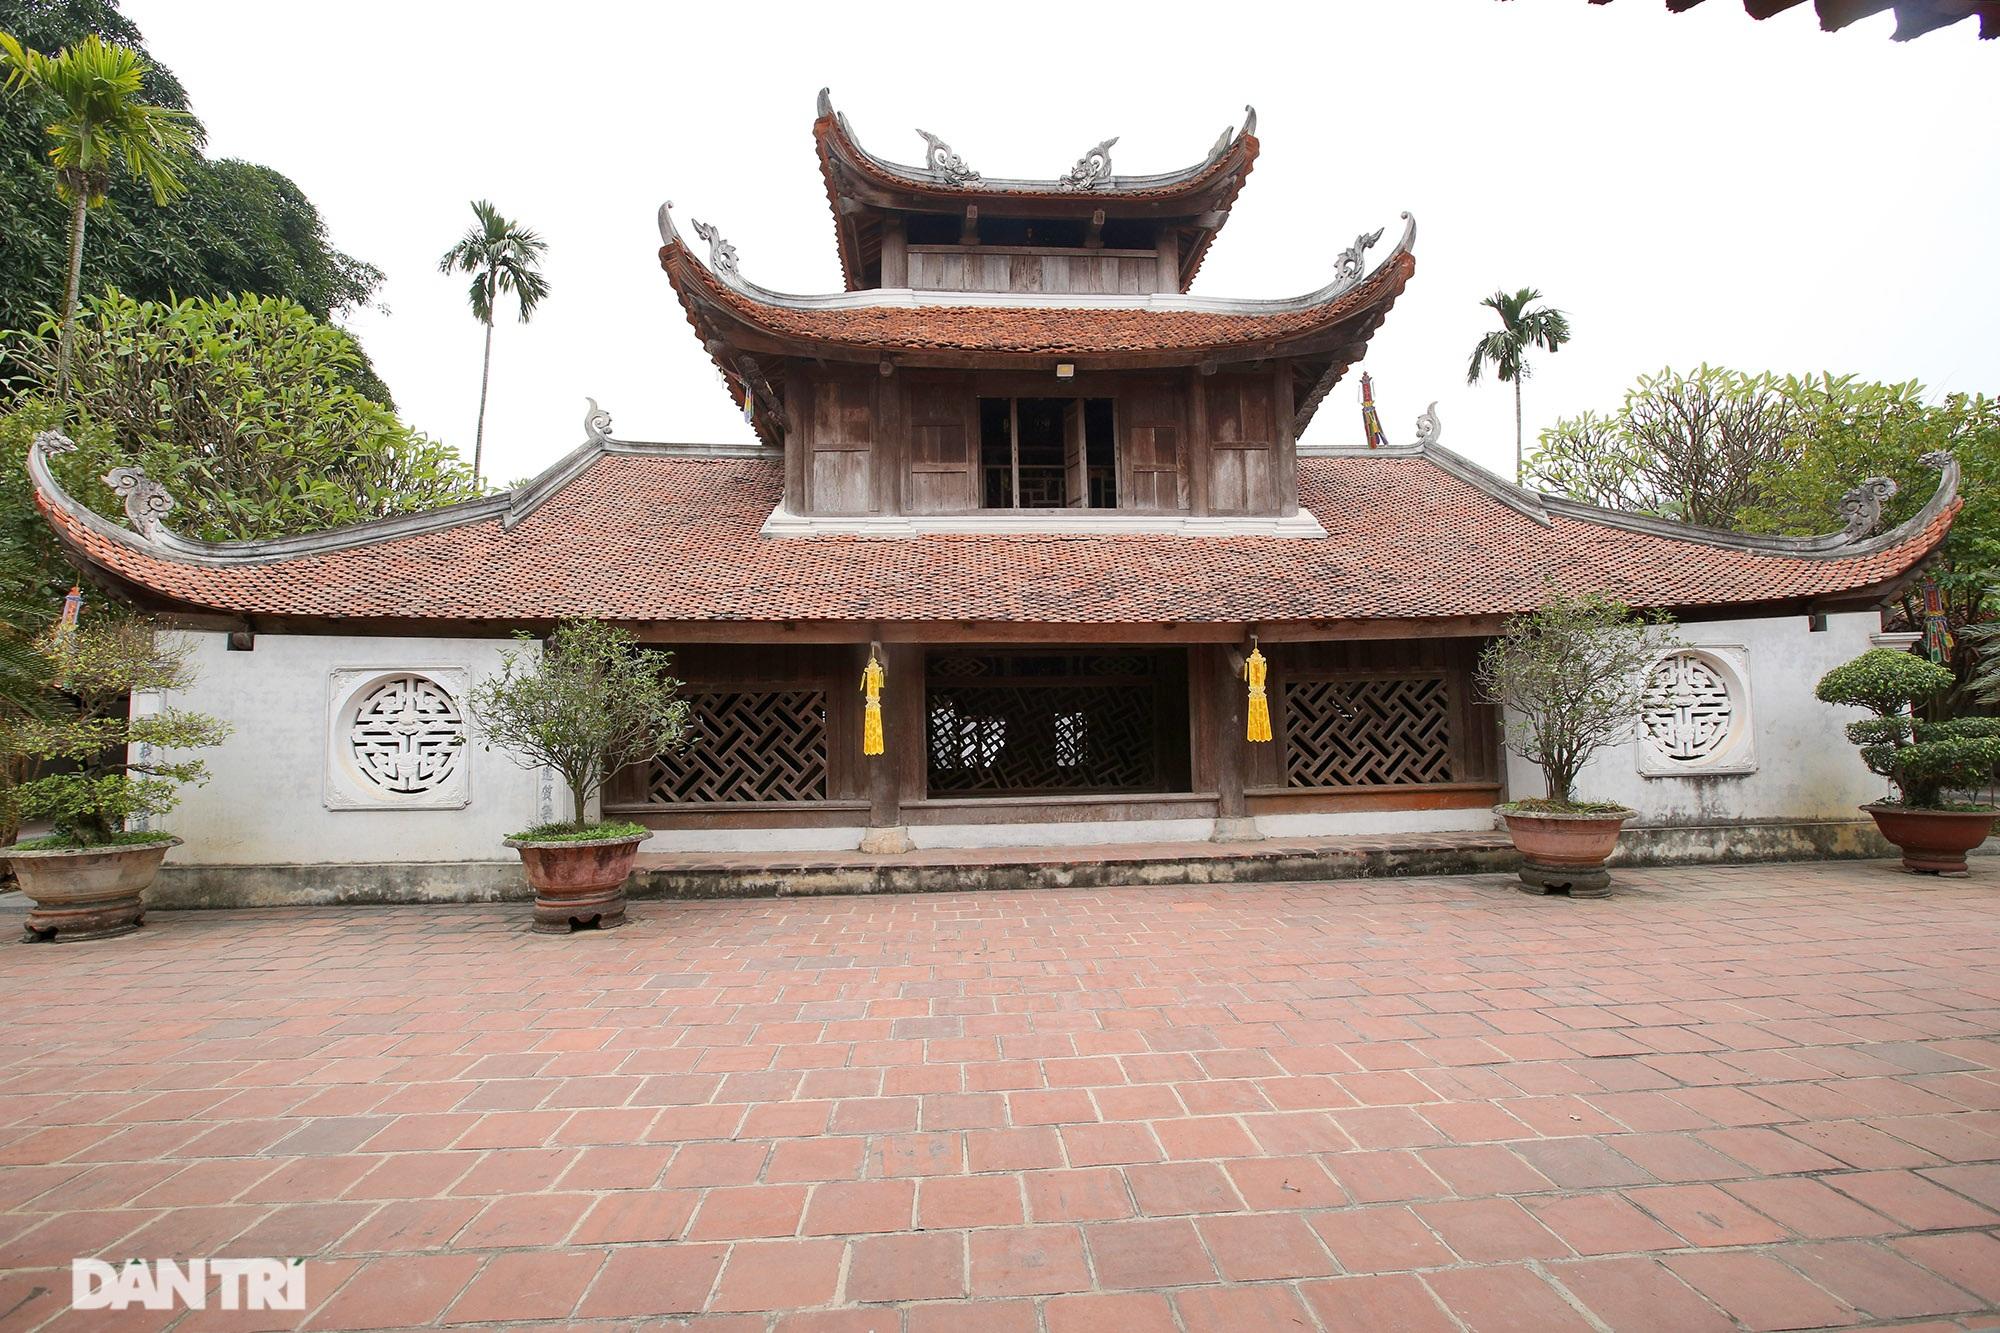 Chiêm ngưỡng bảo vật quốc gia mới: Kiệt tác Cửu phẩm liên hoa chùa Bút Tháp - 1